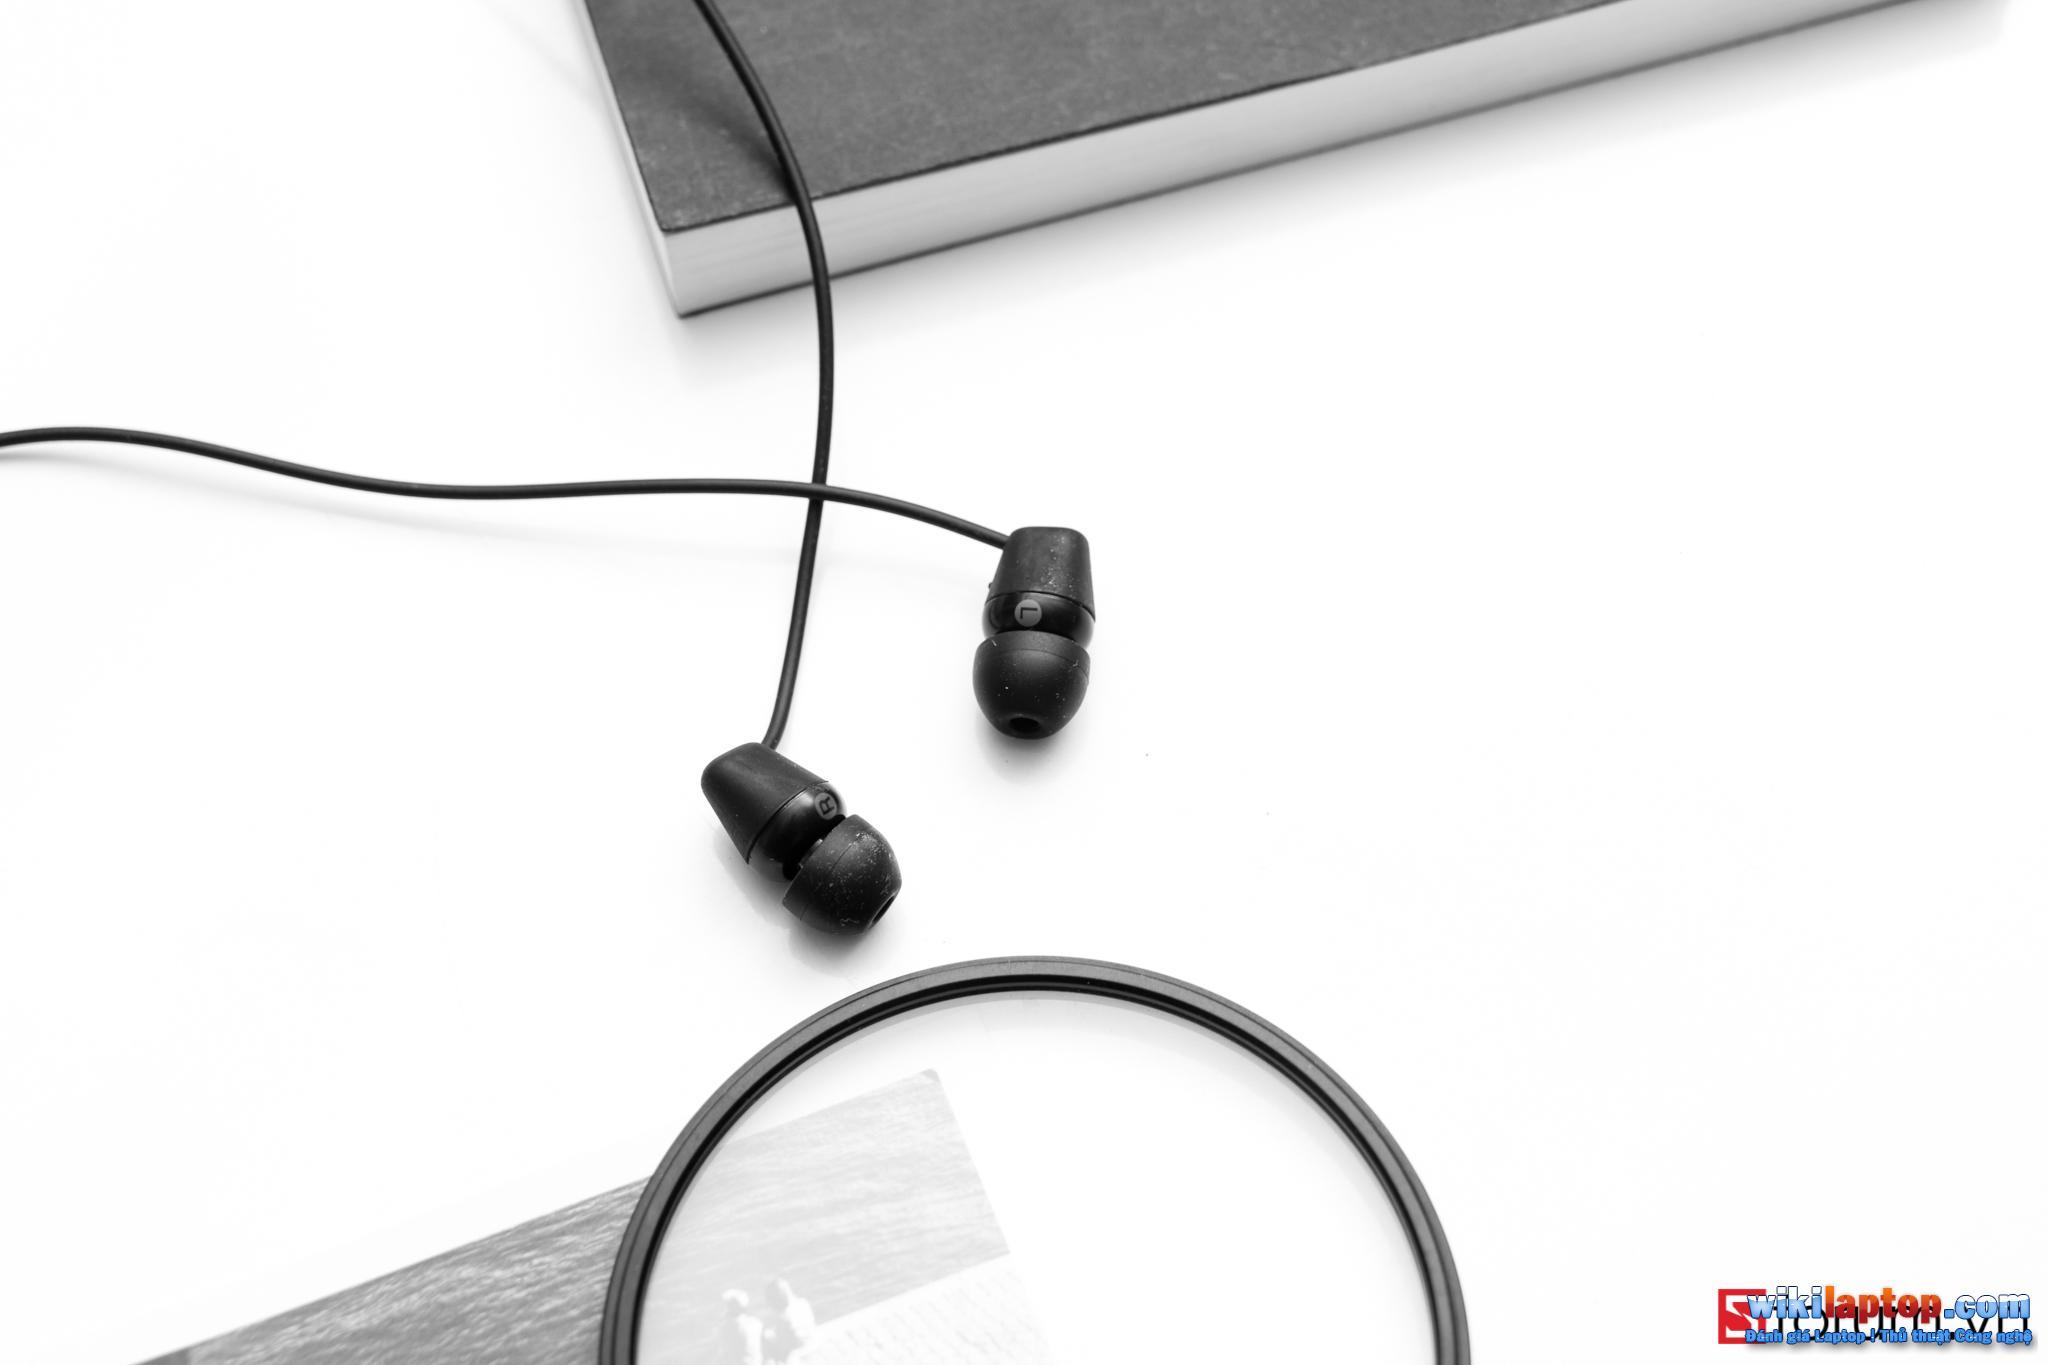 Sforum - Trang thông tin công nghệ mới nhất CPS-Sony-C200-14 Trải nghiệm SONY WI-C200: Tai nghe Bluetooth 5.0, hỗ trợ sạc nhanh, pin 12 giờ và chỉ 990.000 đồng